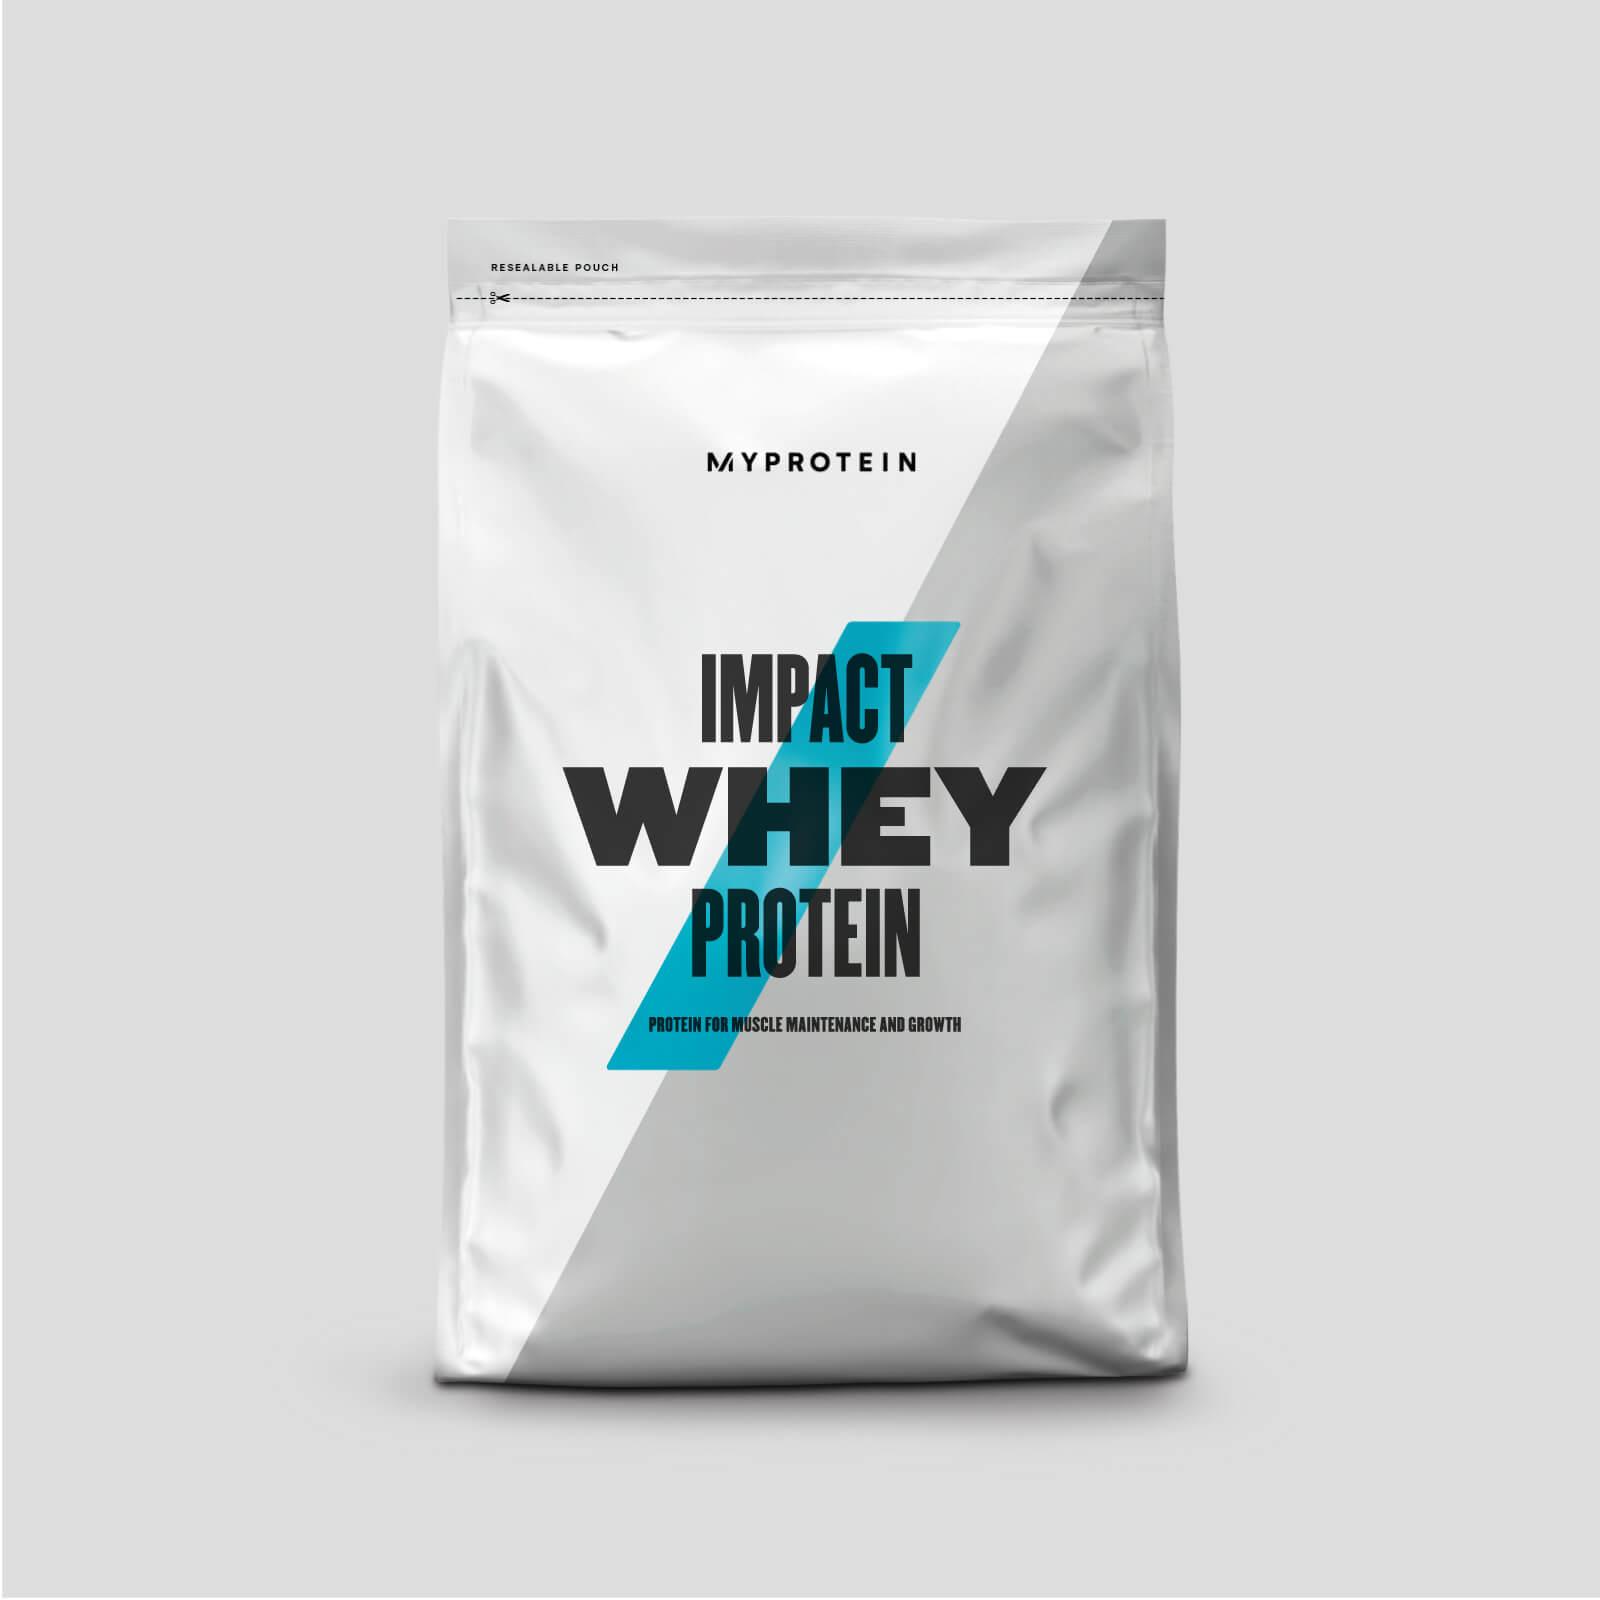 Myprotein Impact Whey Protein - 2.5kg - Stevia - Chocolat